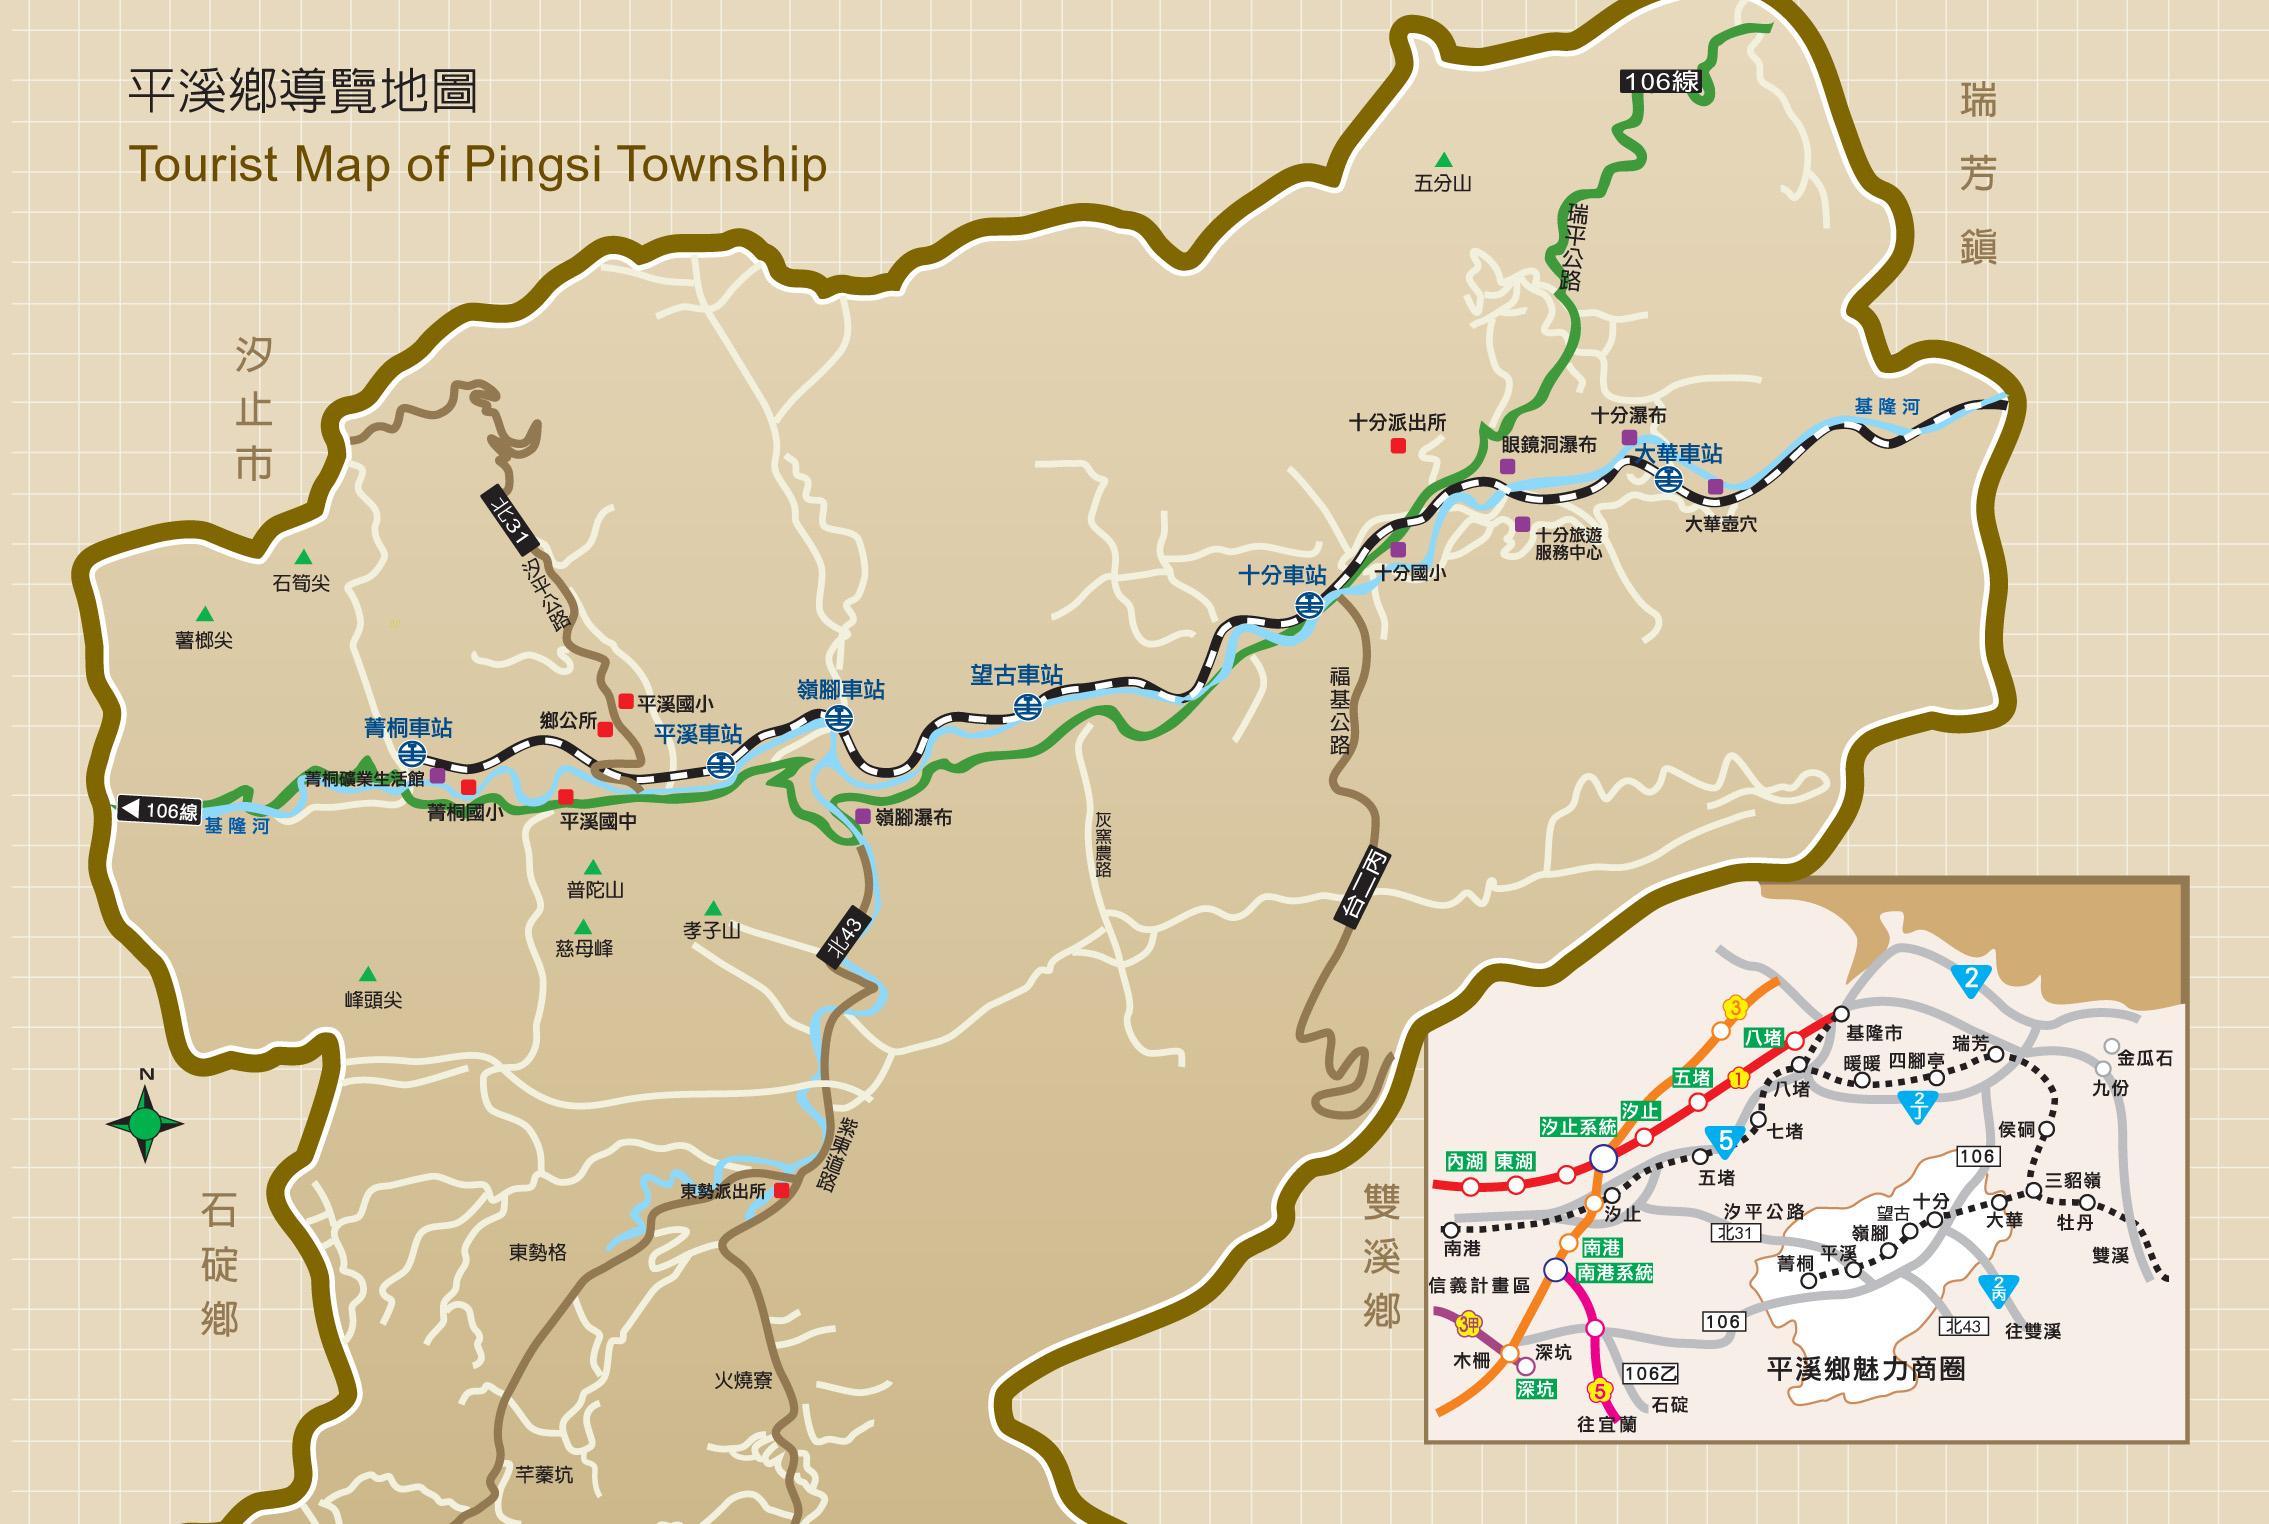 平溪乡导览地图请连结此处下载全图